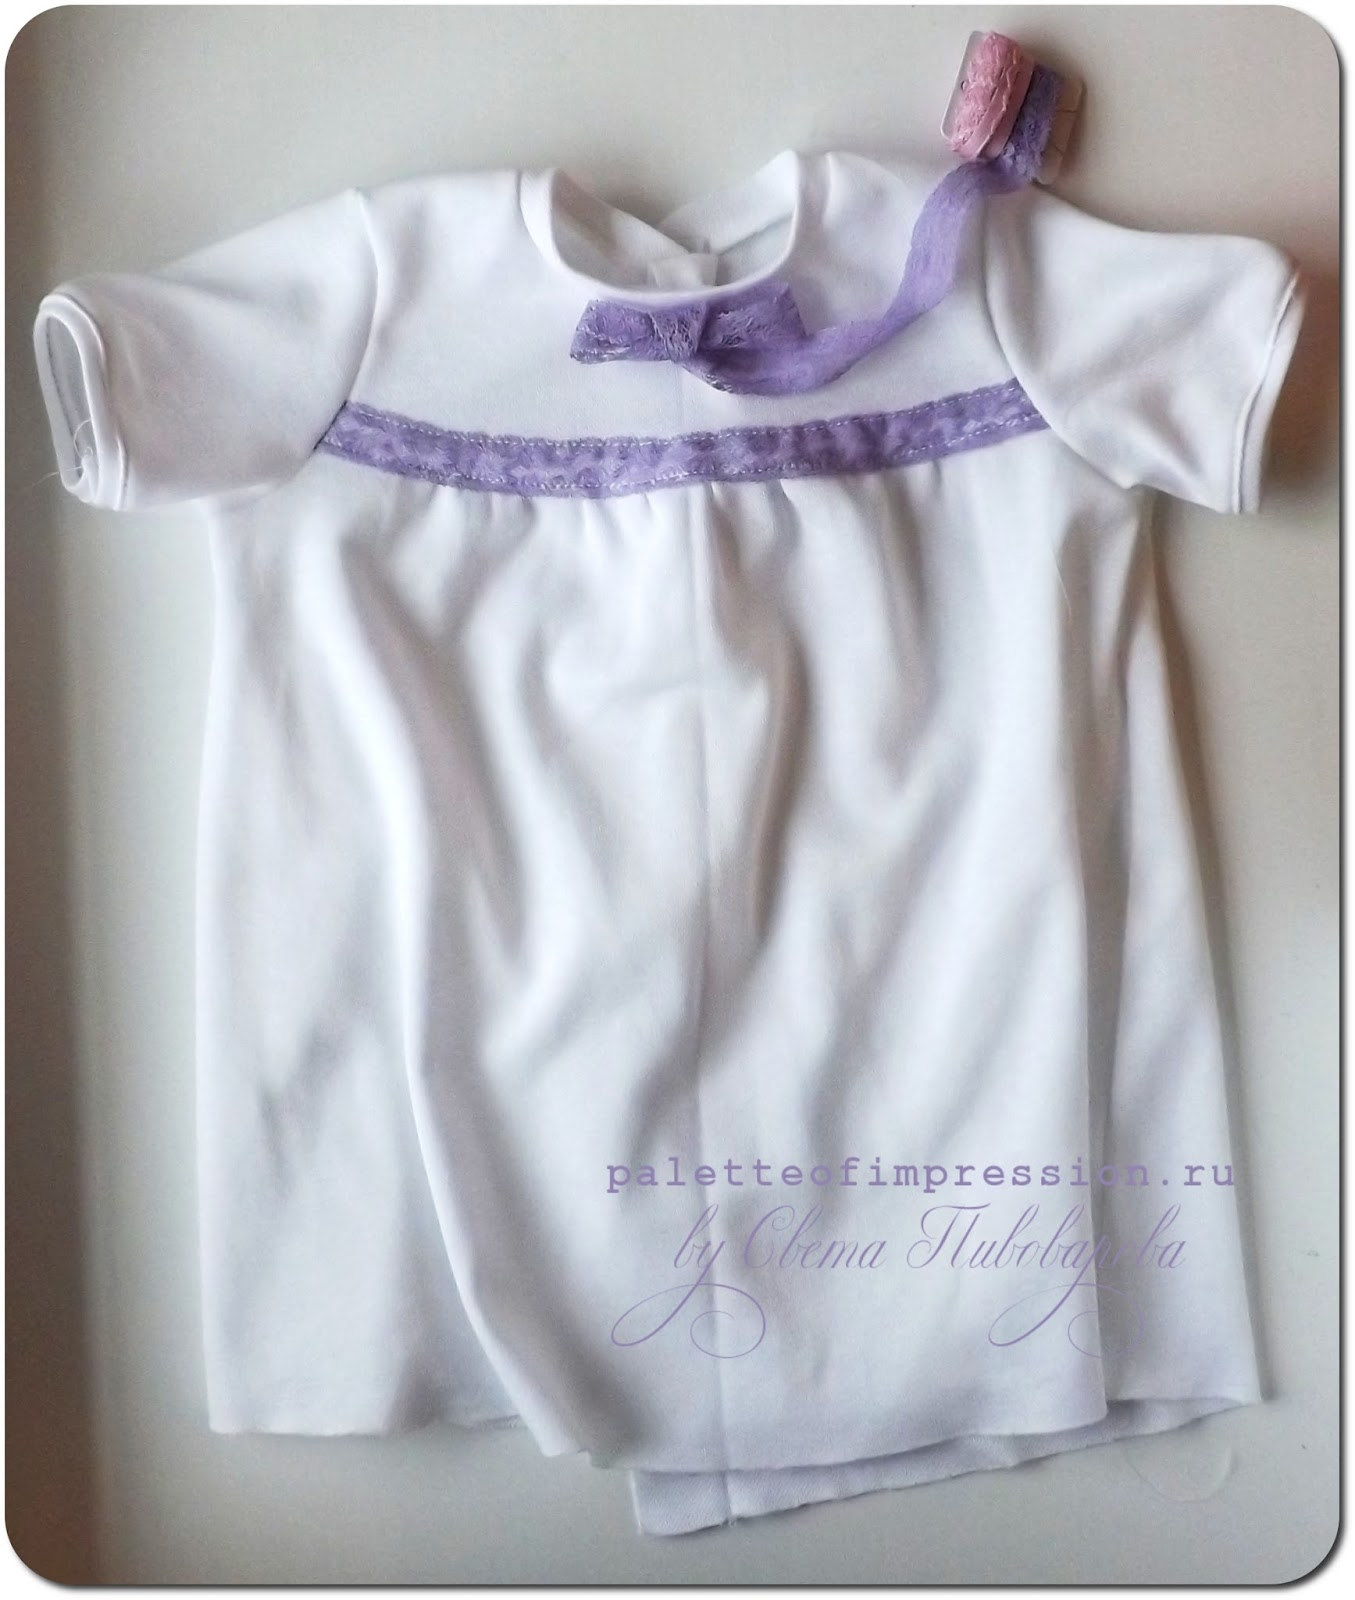 Проект: рабочее место 4/52. Шитье. Детское платье из белого пике.